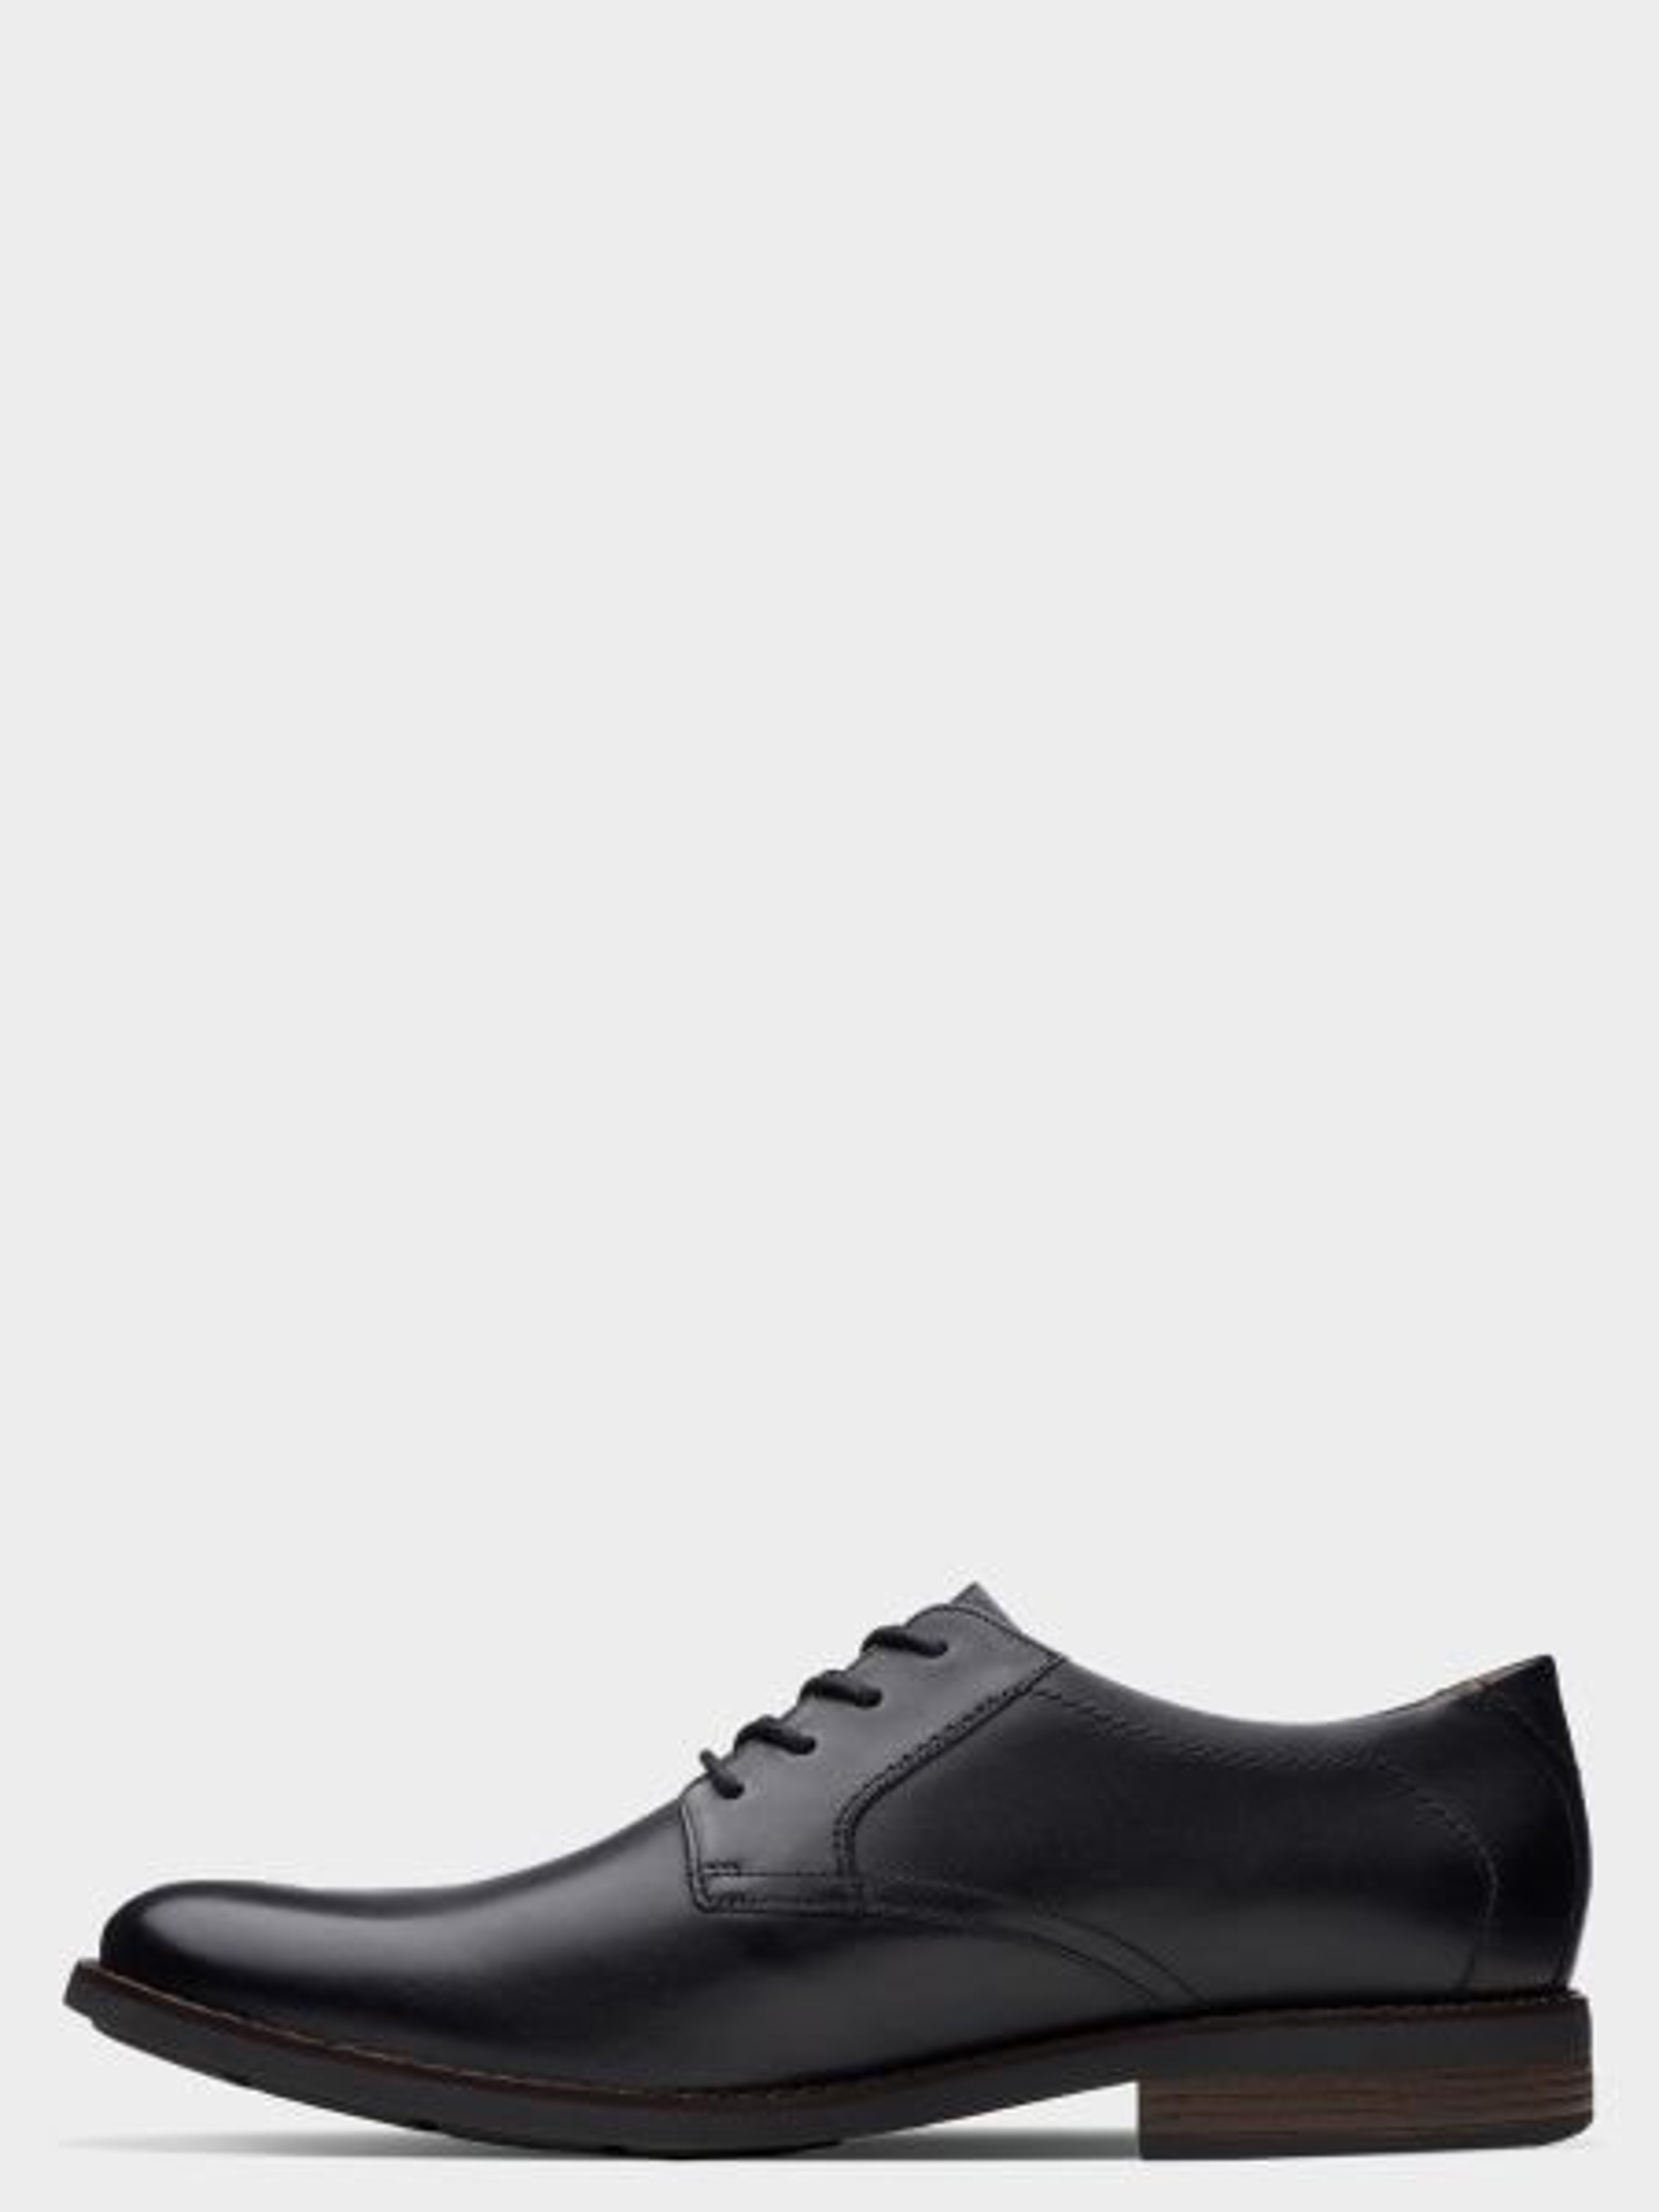 Туфли для мужчин Clarks Becken Lace 2614-5295 в Украине, 2017